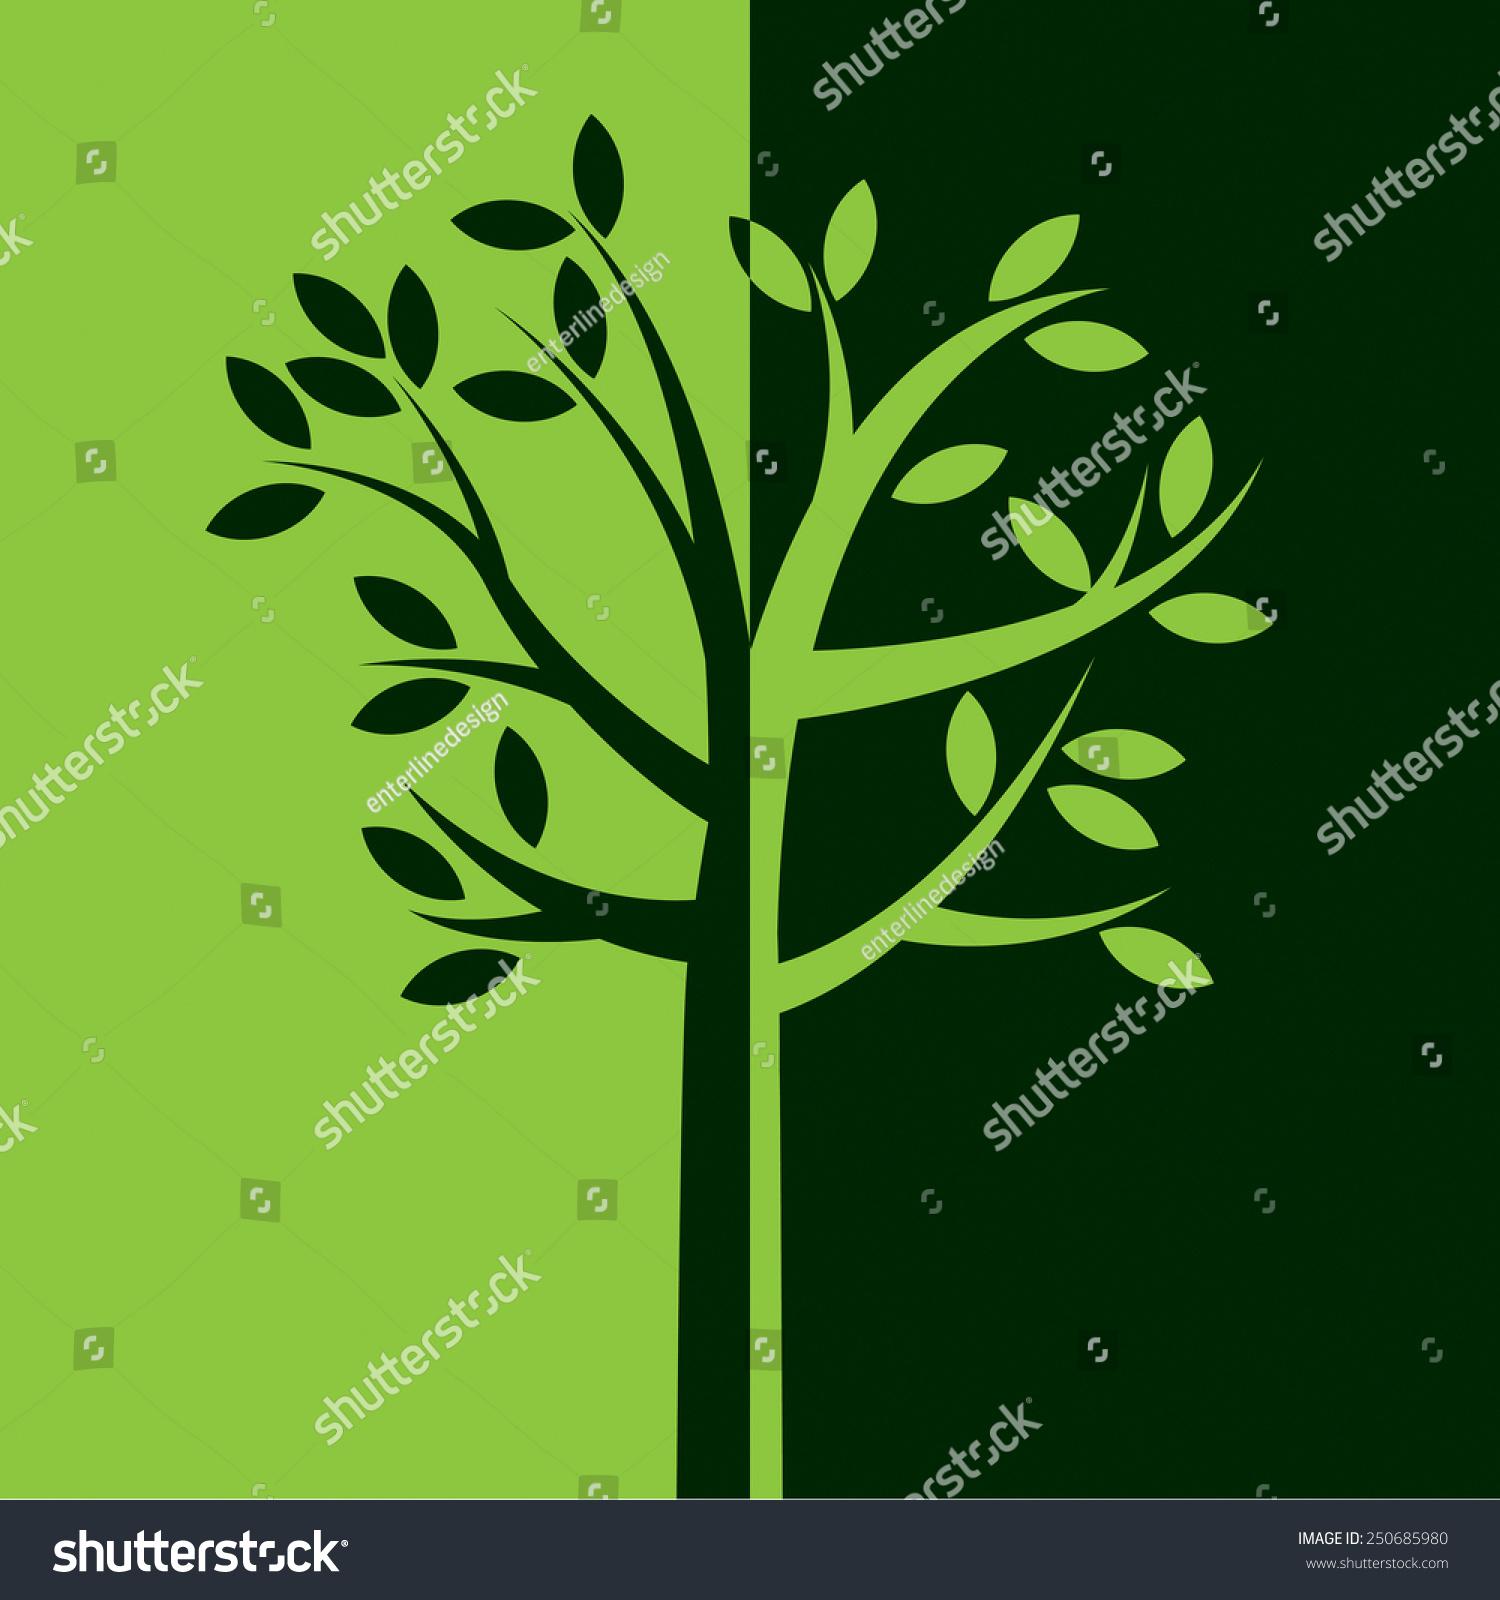 用树枝和树叶将演示一个简单的树在逆转绿色的颜色.向量eps 10.